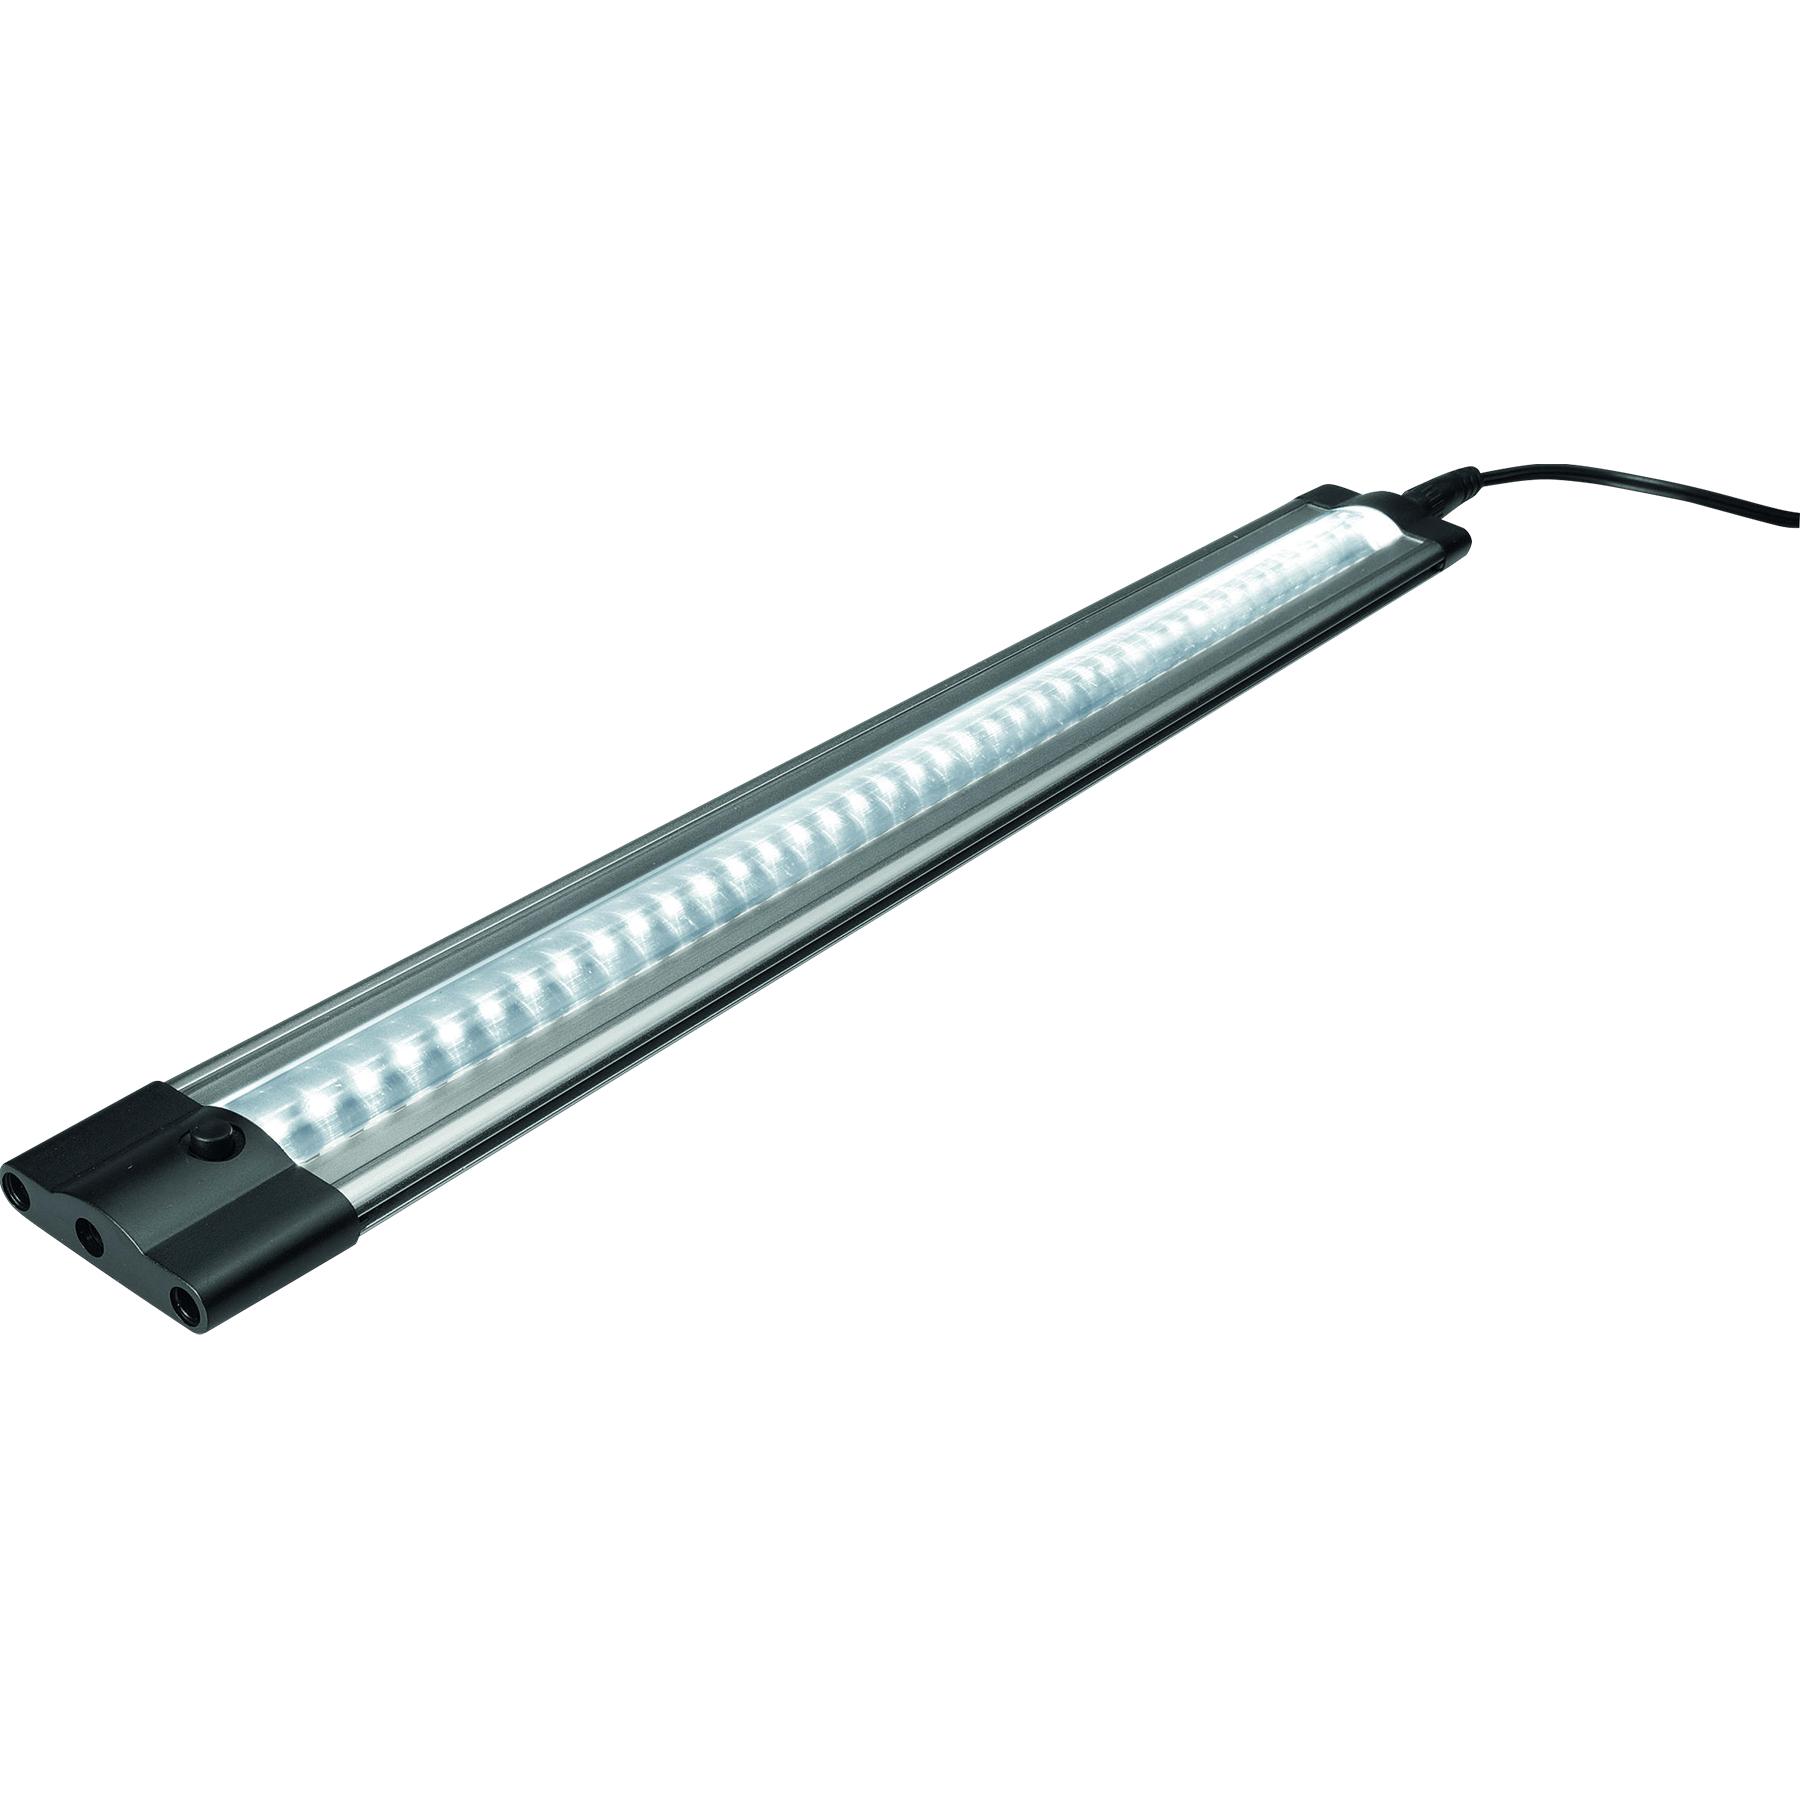 Knightsbridge Ucled13 Led Under Cabinet Striplight Cool White: Knightsbridge LED5WCW IP20 5W 72 LED Thin Linear Light 24V